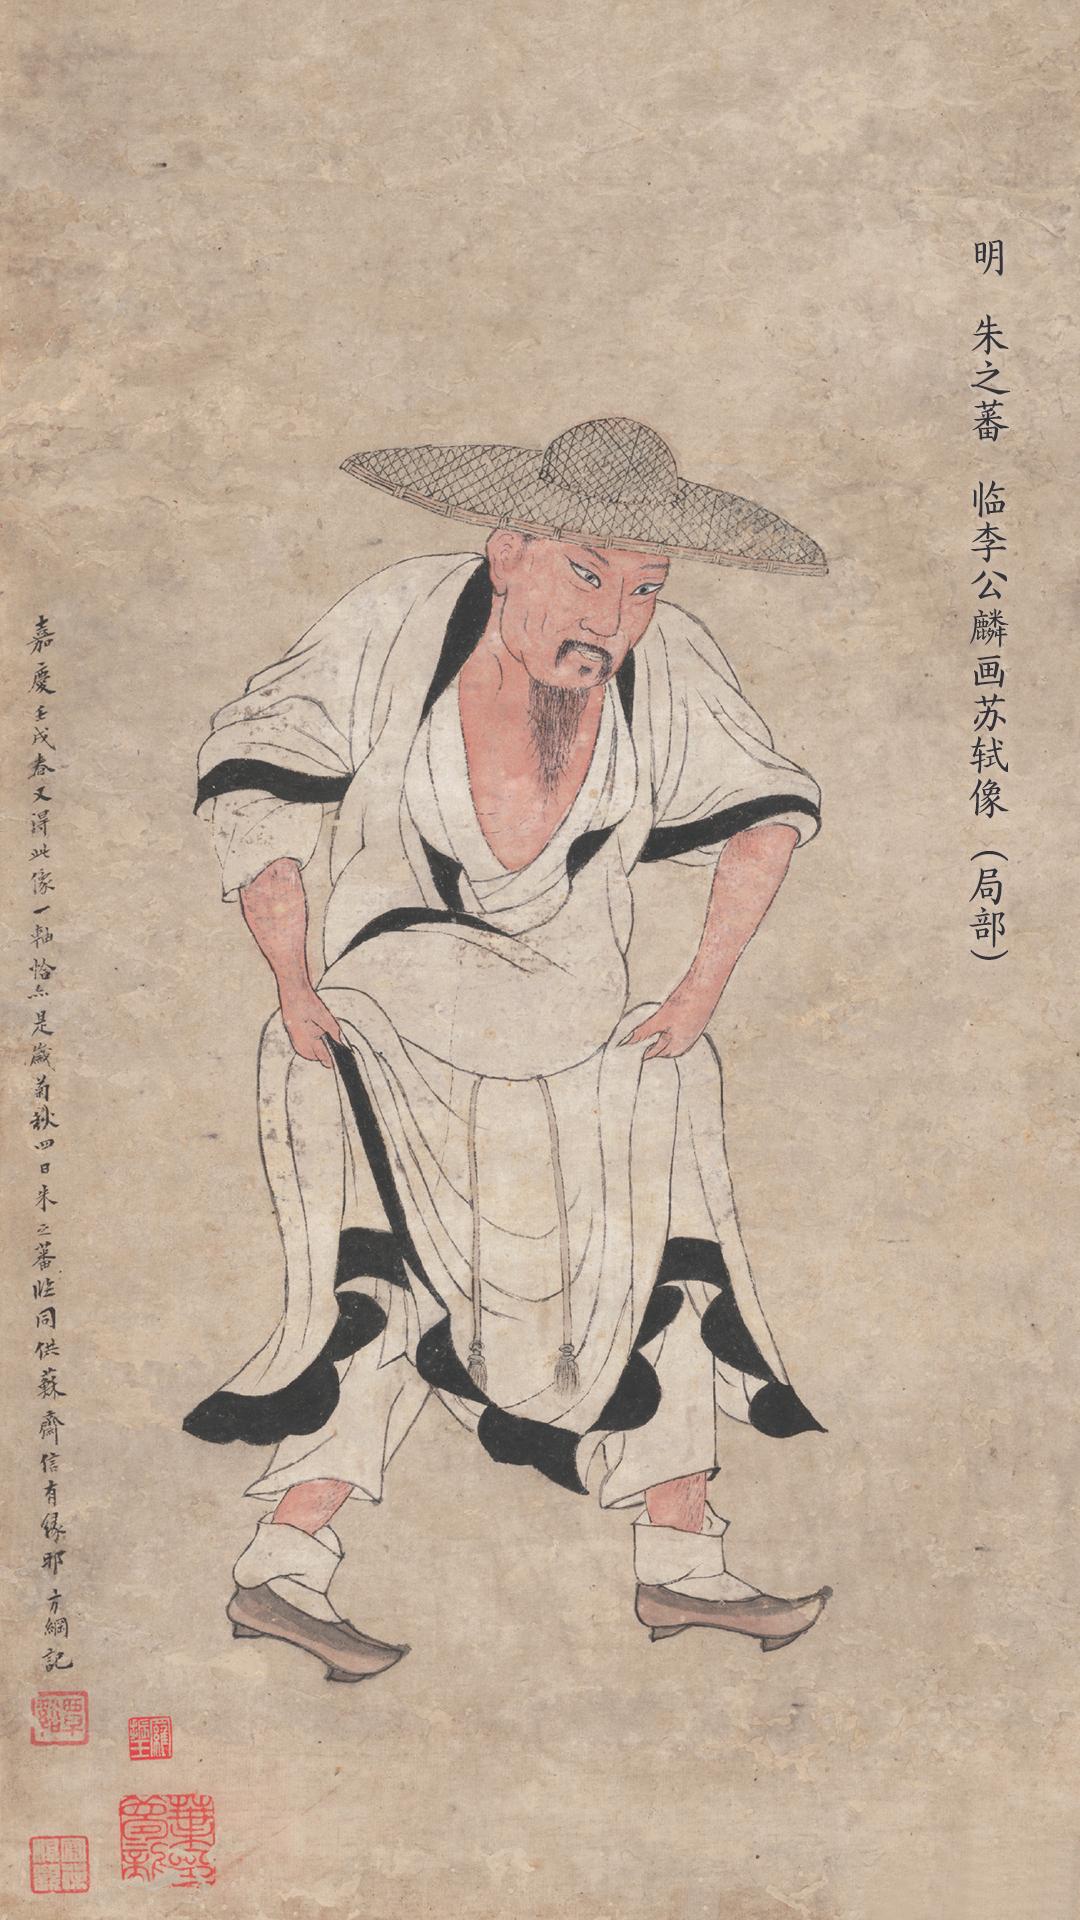 明代画家朱之蕃《临李公麟画苏轼像》